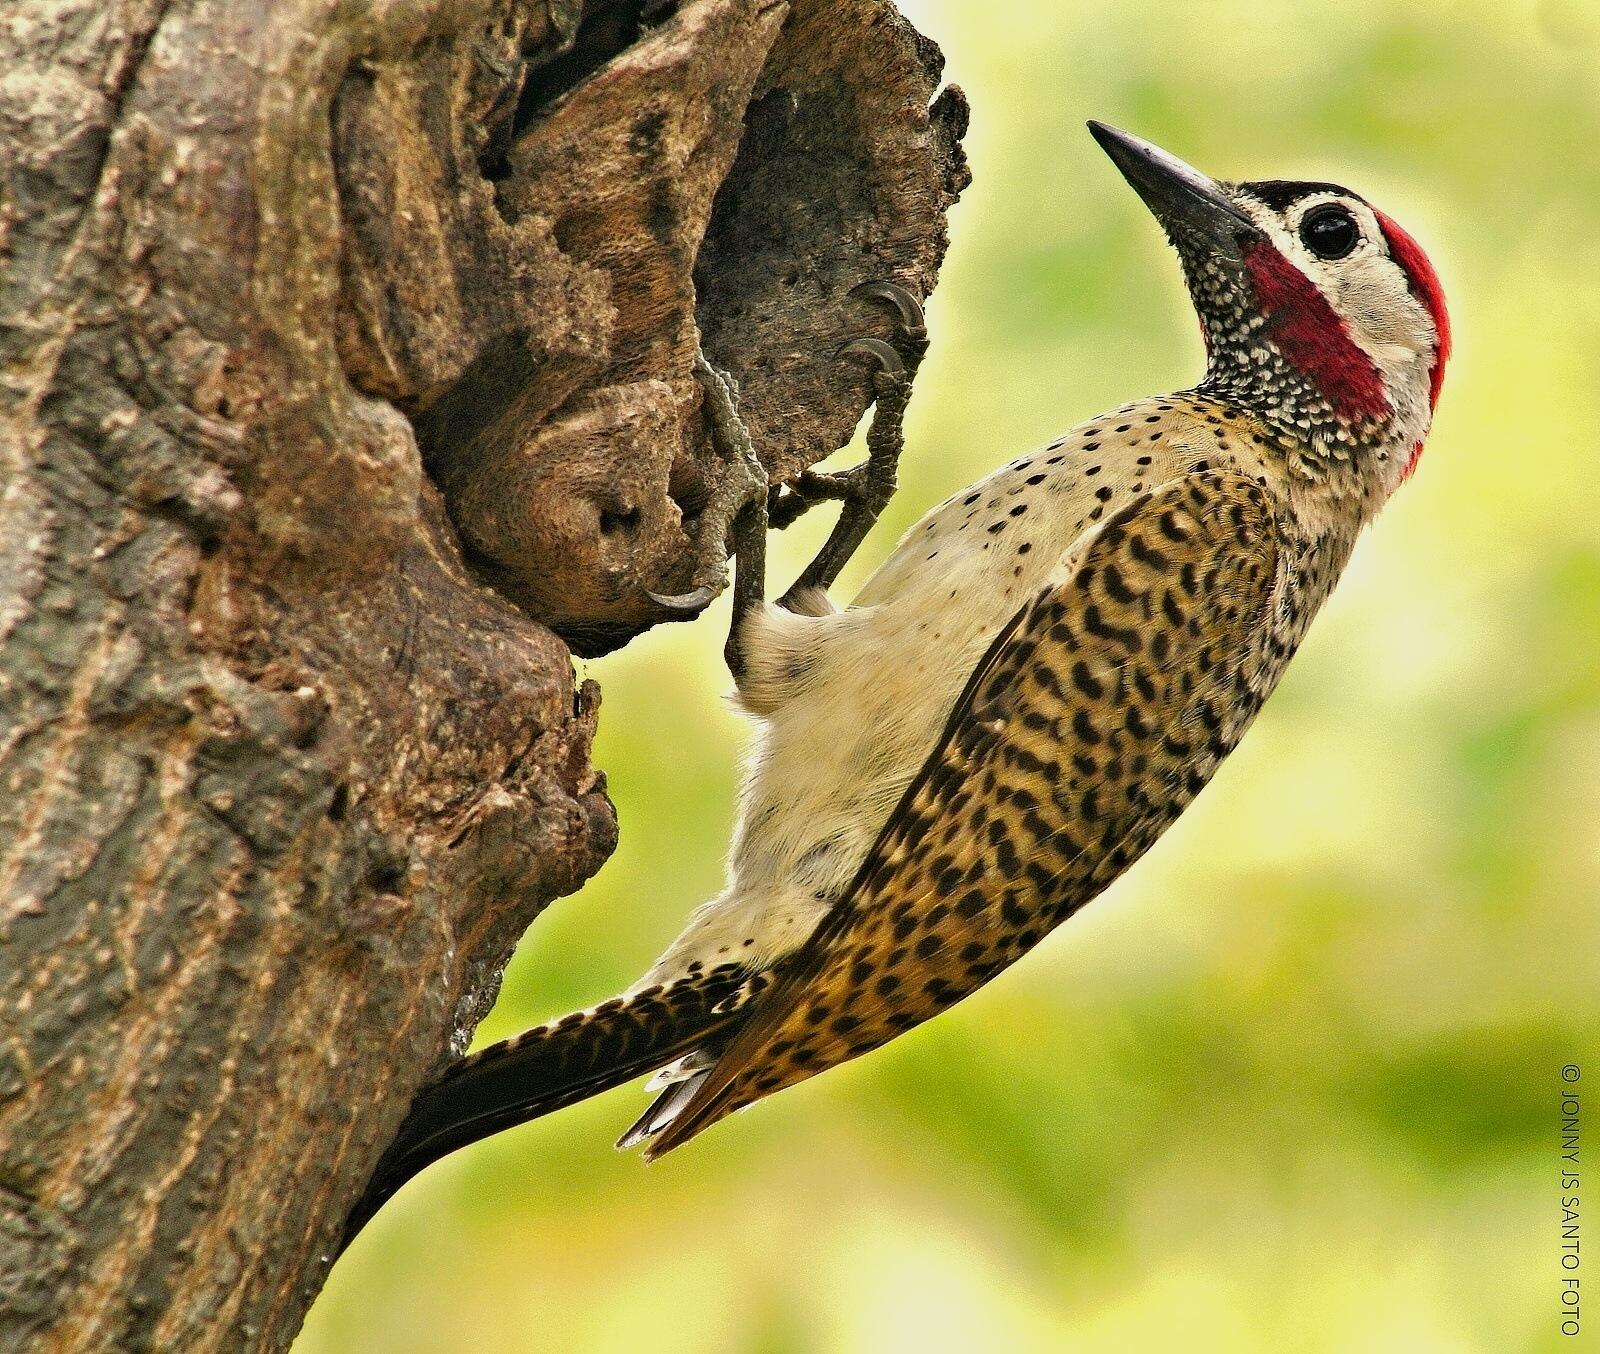 The Woodpecker by Jonny Santo